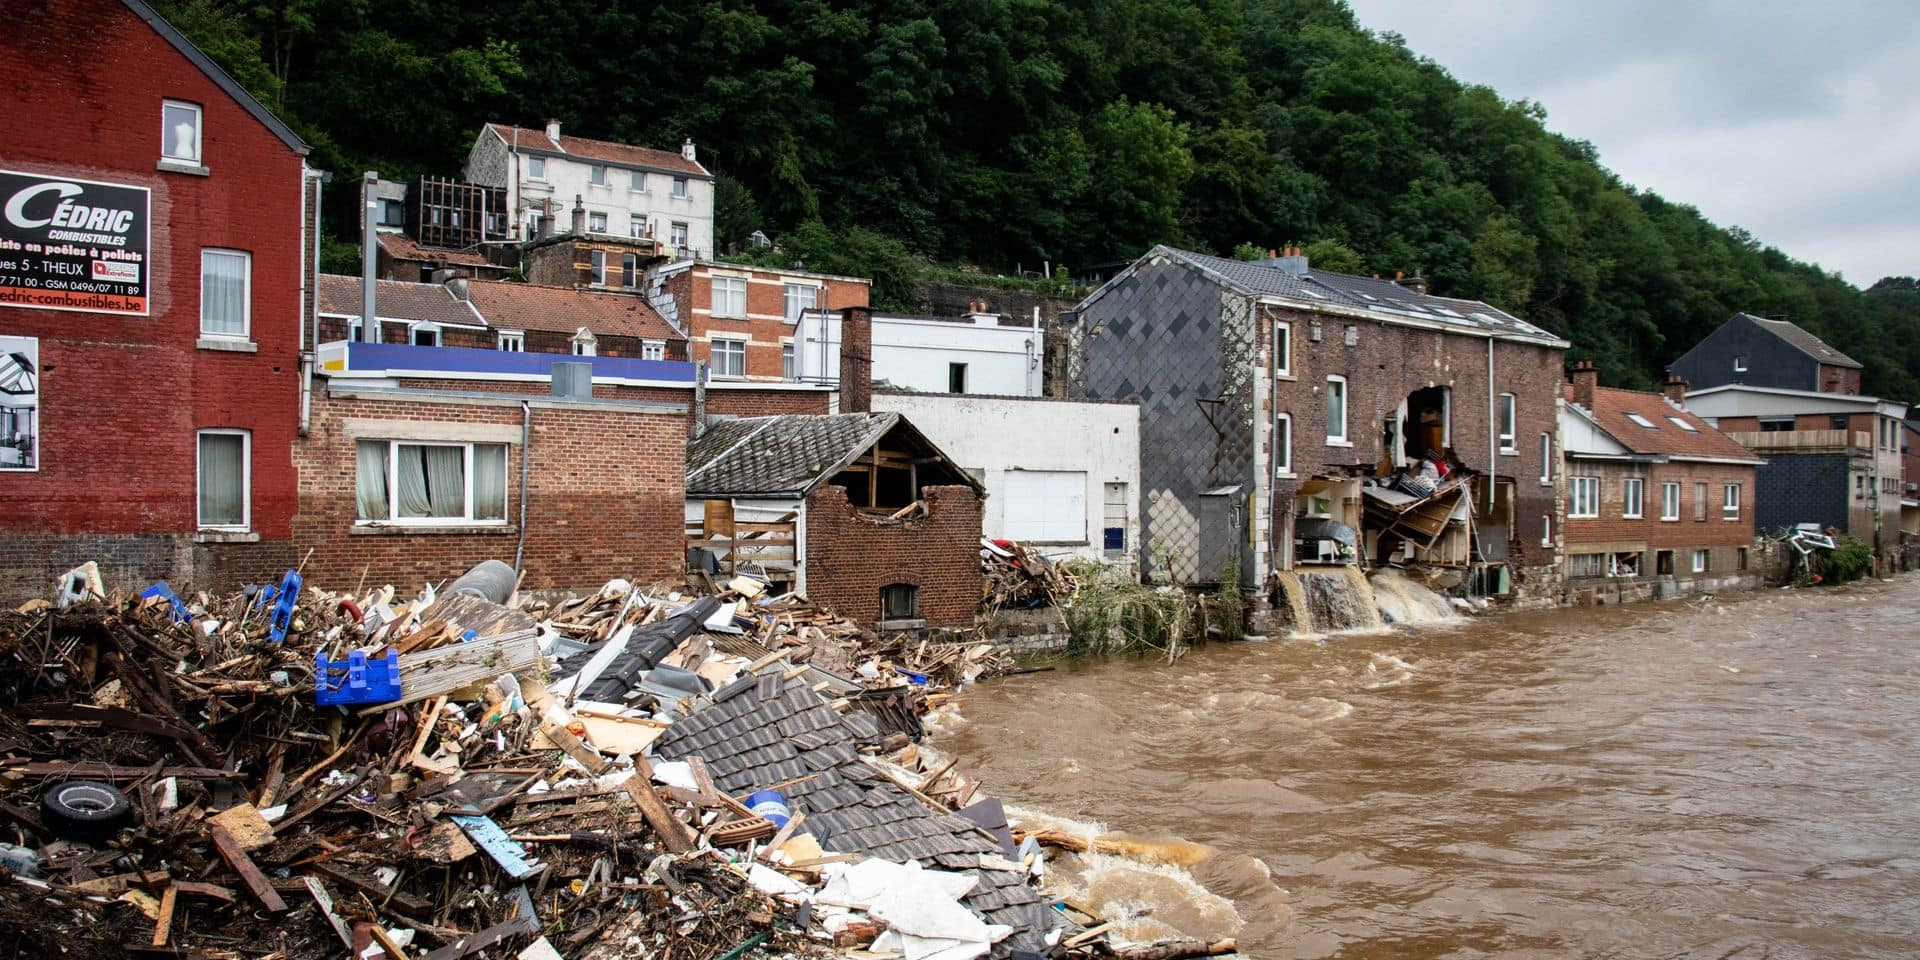 Murs anti-crues, aménagement du territoire, zones inondables : quels outils pour éviter un nouveau scénario catastrophe ?